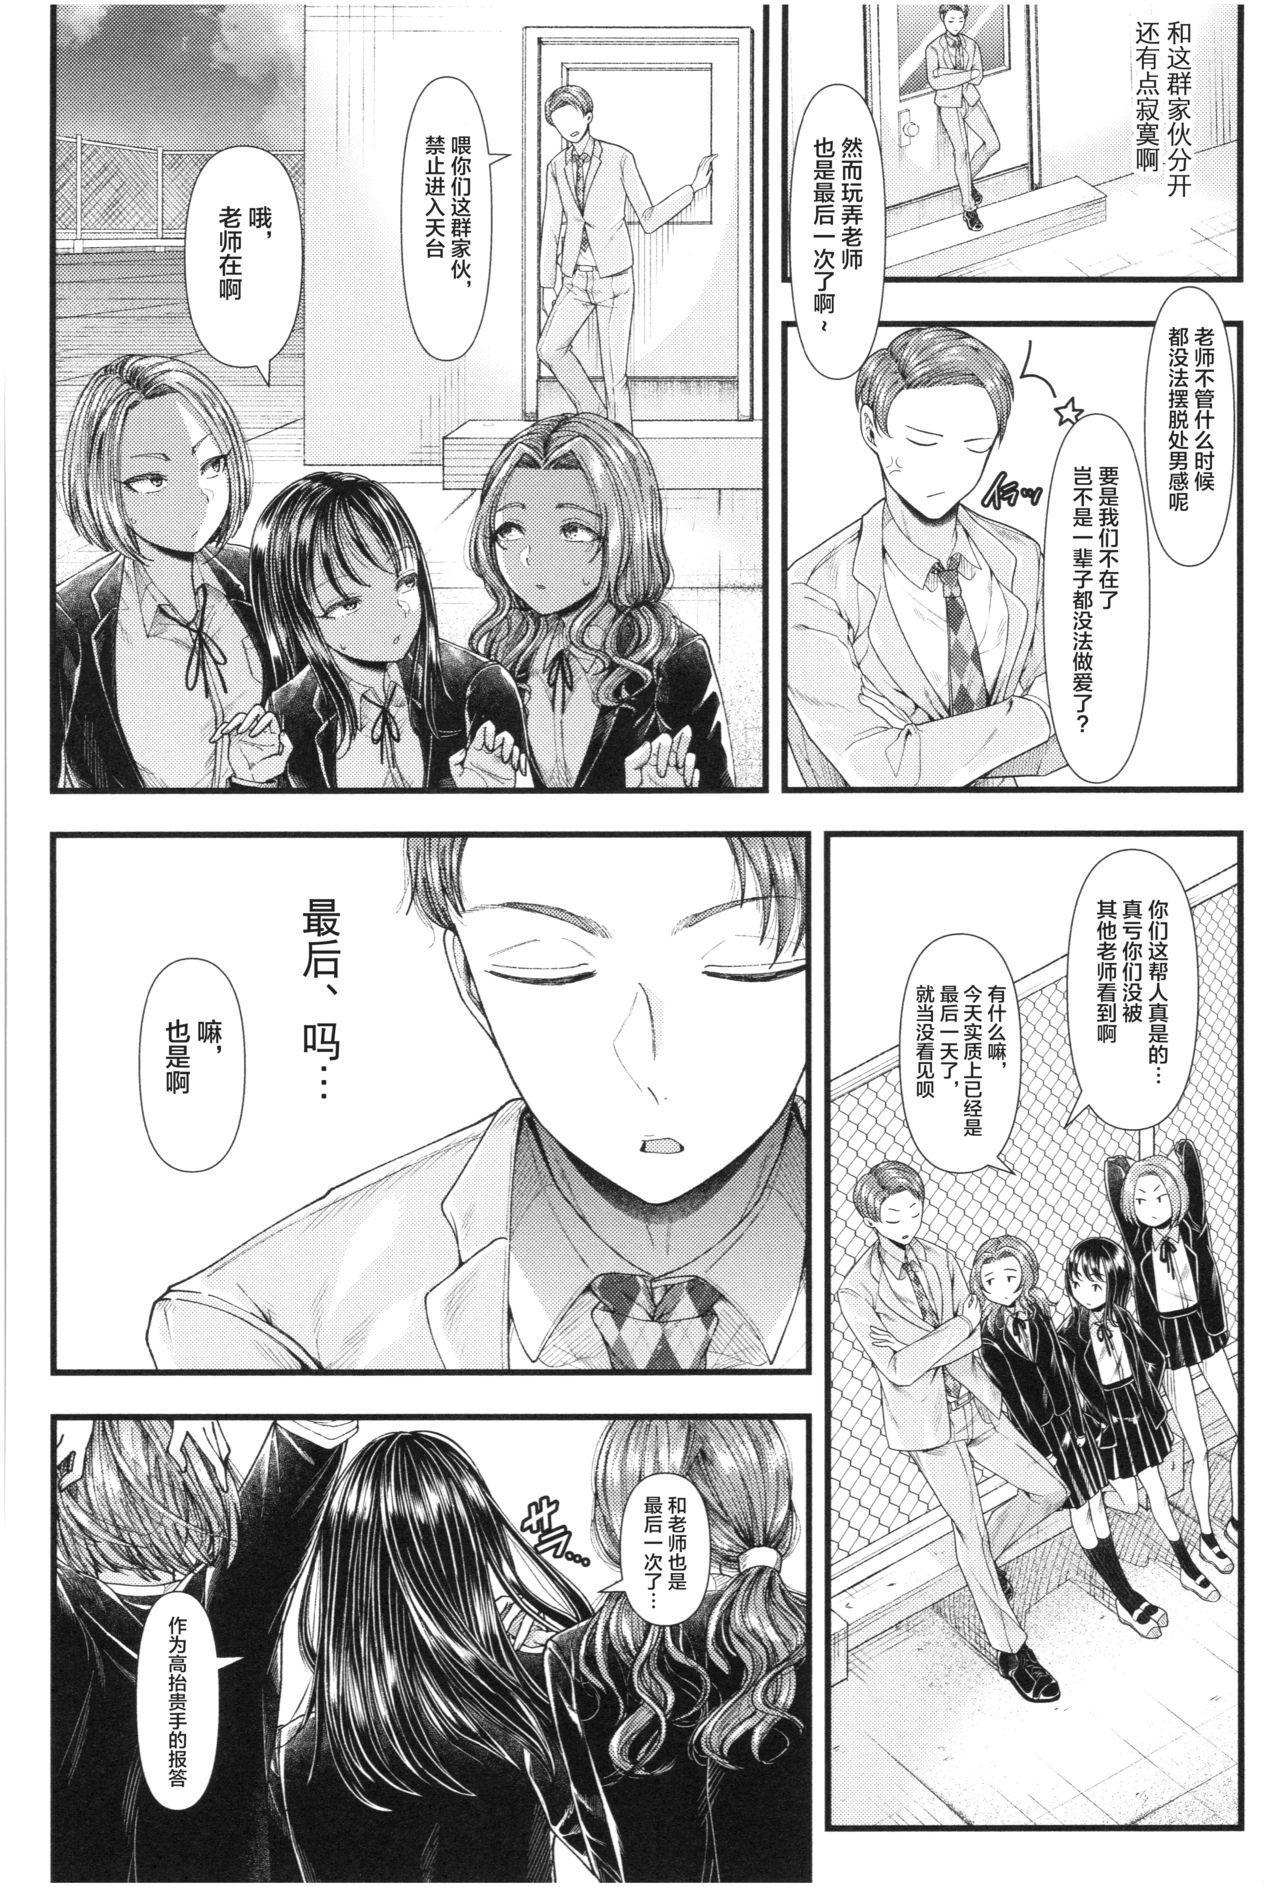 [Aoyama Denchi] Sannenkan no Aoi Haru ~Mesugaki nanka ni Zettai Makenai Sensei~卒業[Chinese]【不可视汉化】 3